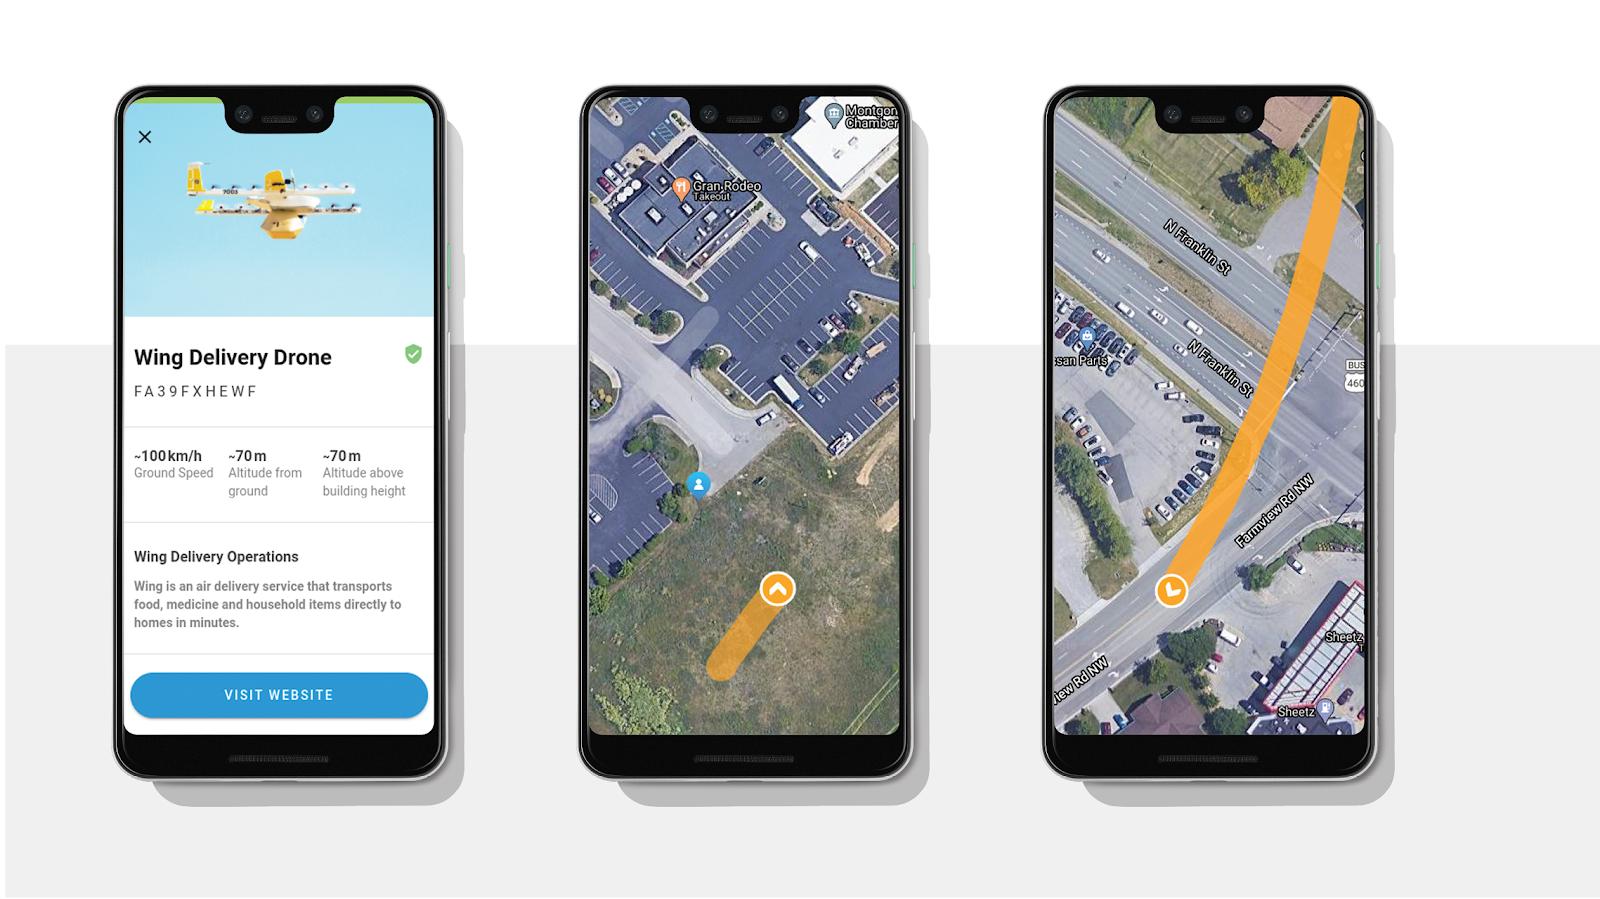 RemoteID on Phones